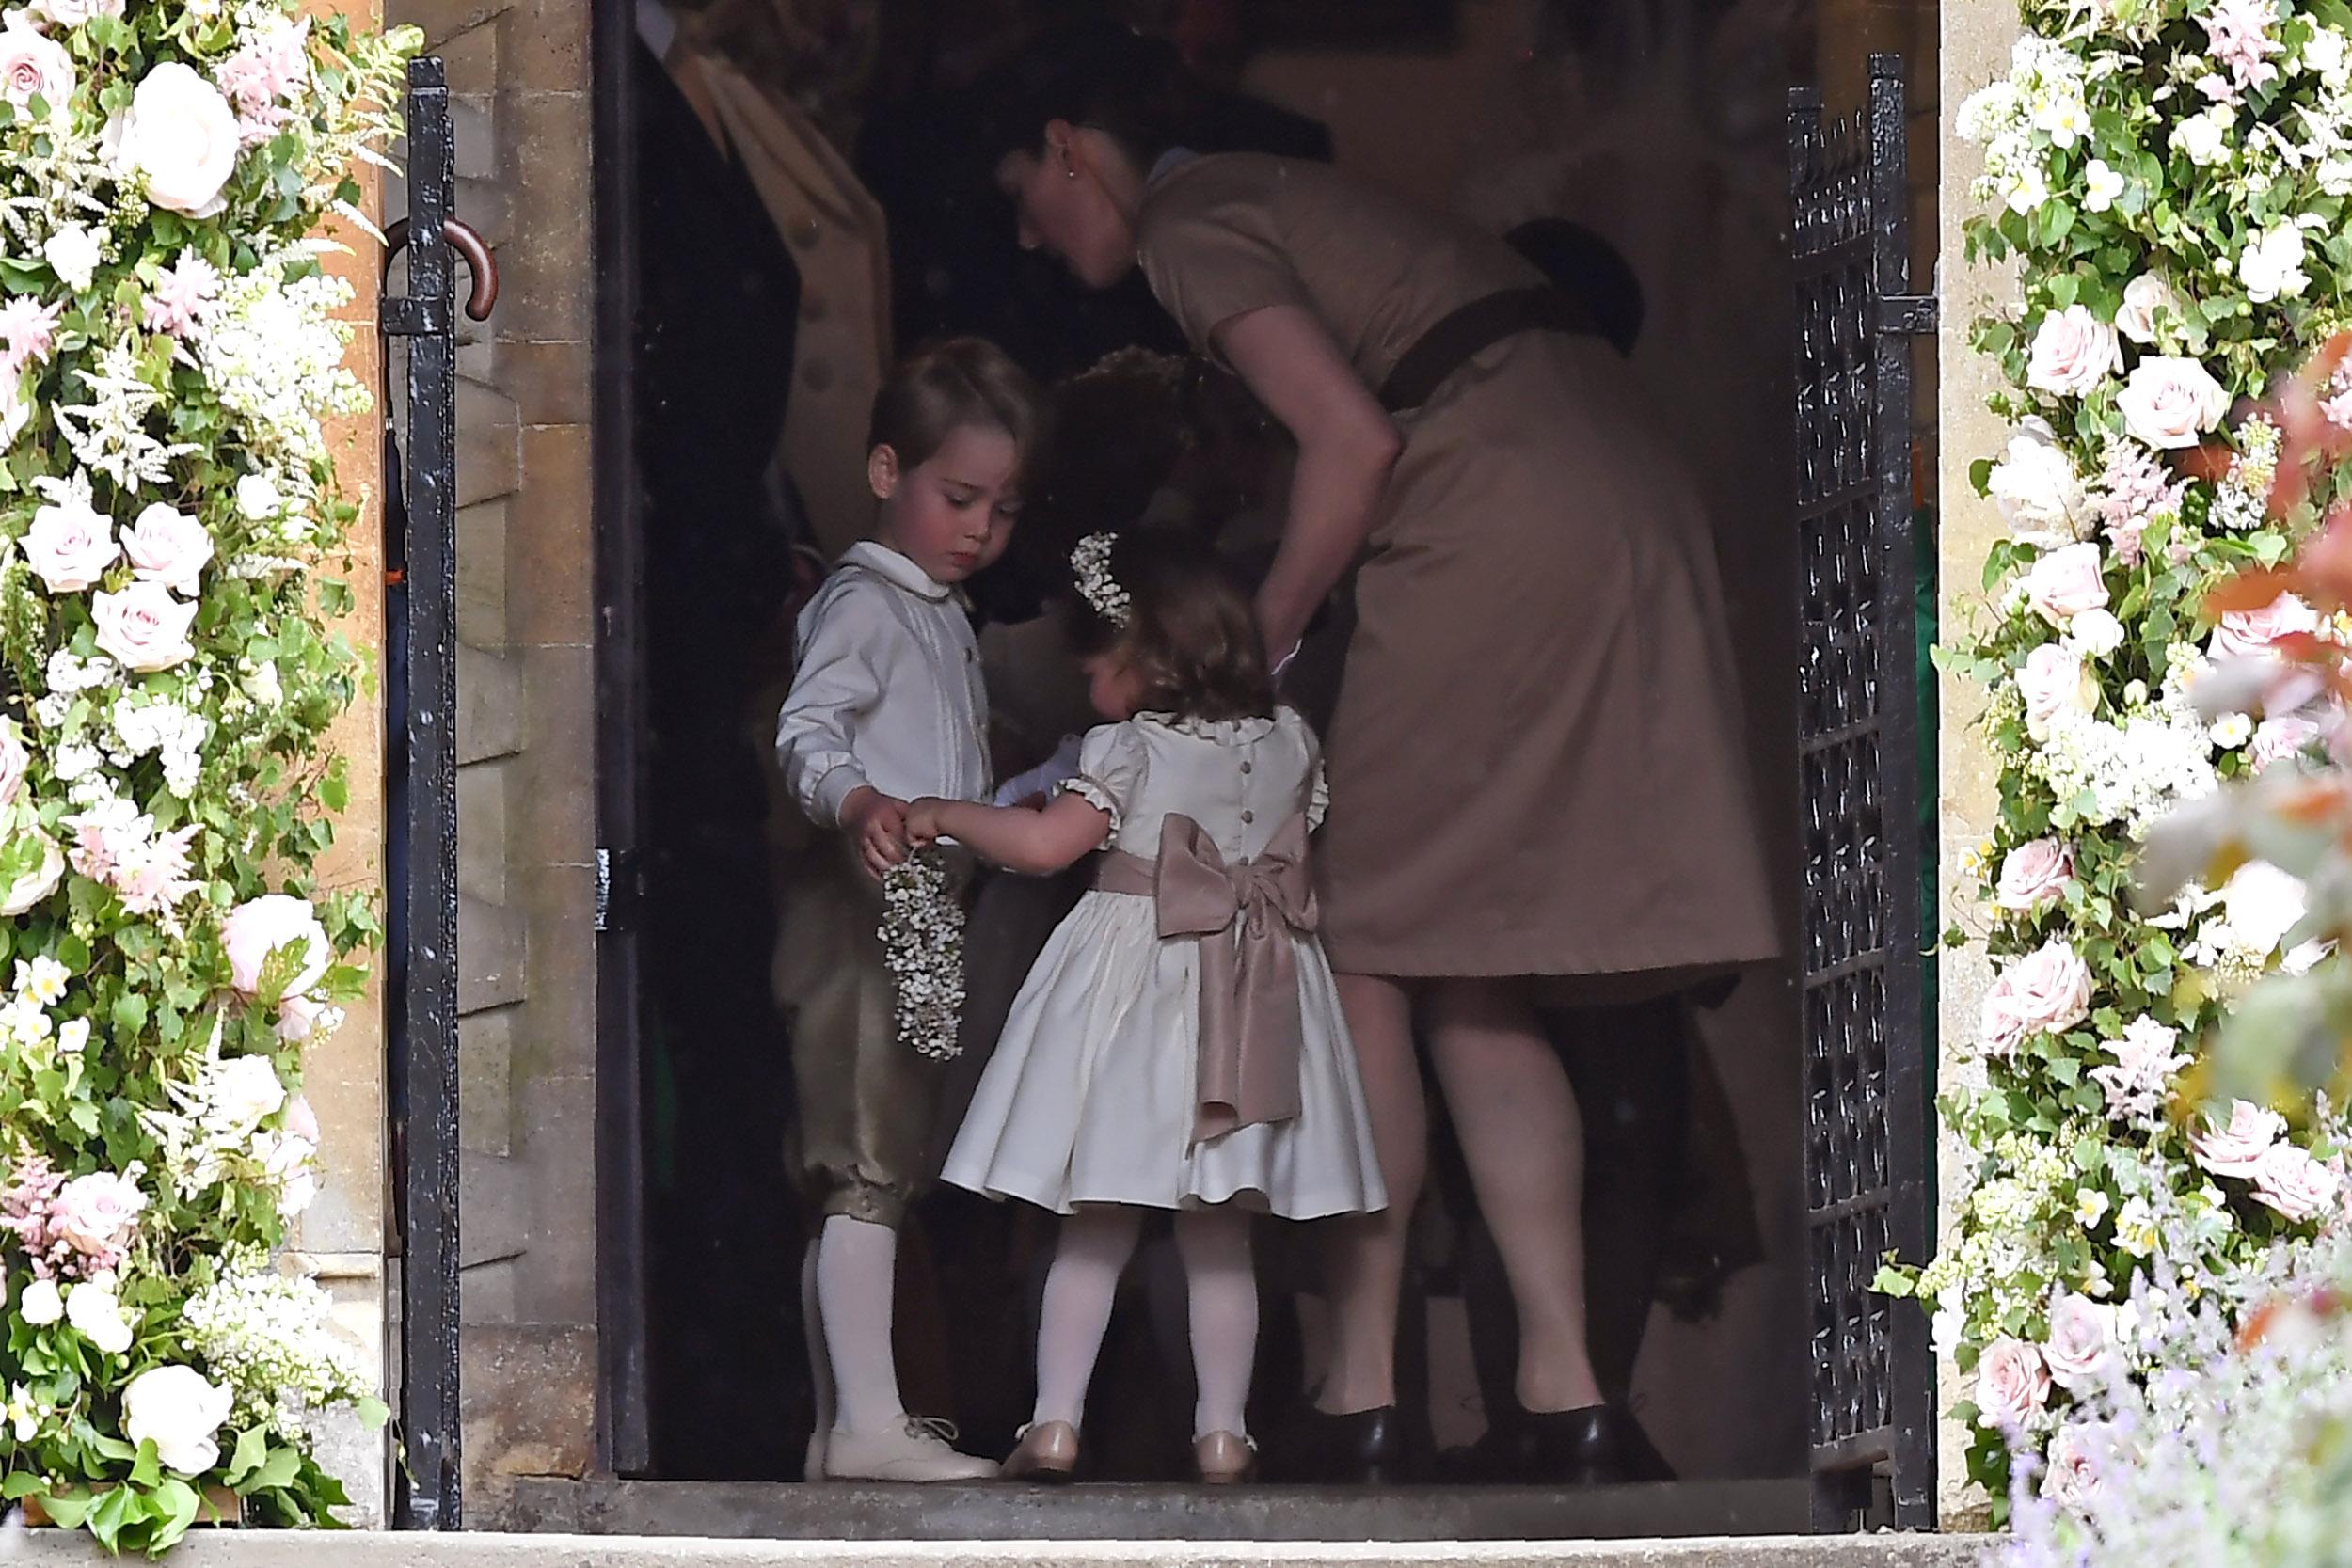 """Бавачка бодигард.<br /> Бавачка трябва да може да защити себе си и бебето за което се грижи, затова момичетата в колежа """"Норланд"""" вземат уроци по самозащита, които се преподават от бивши офицери на военното разузнаване. По време на последния курс на тяхното тригодишно обучение, момичетата също се обучават как да оказват първа медицинска помощ."""